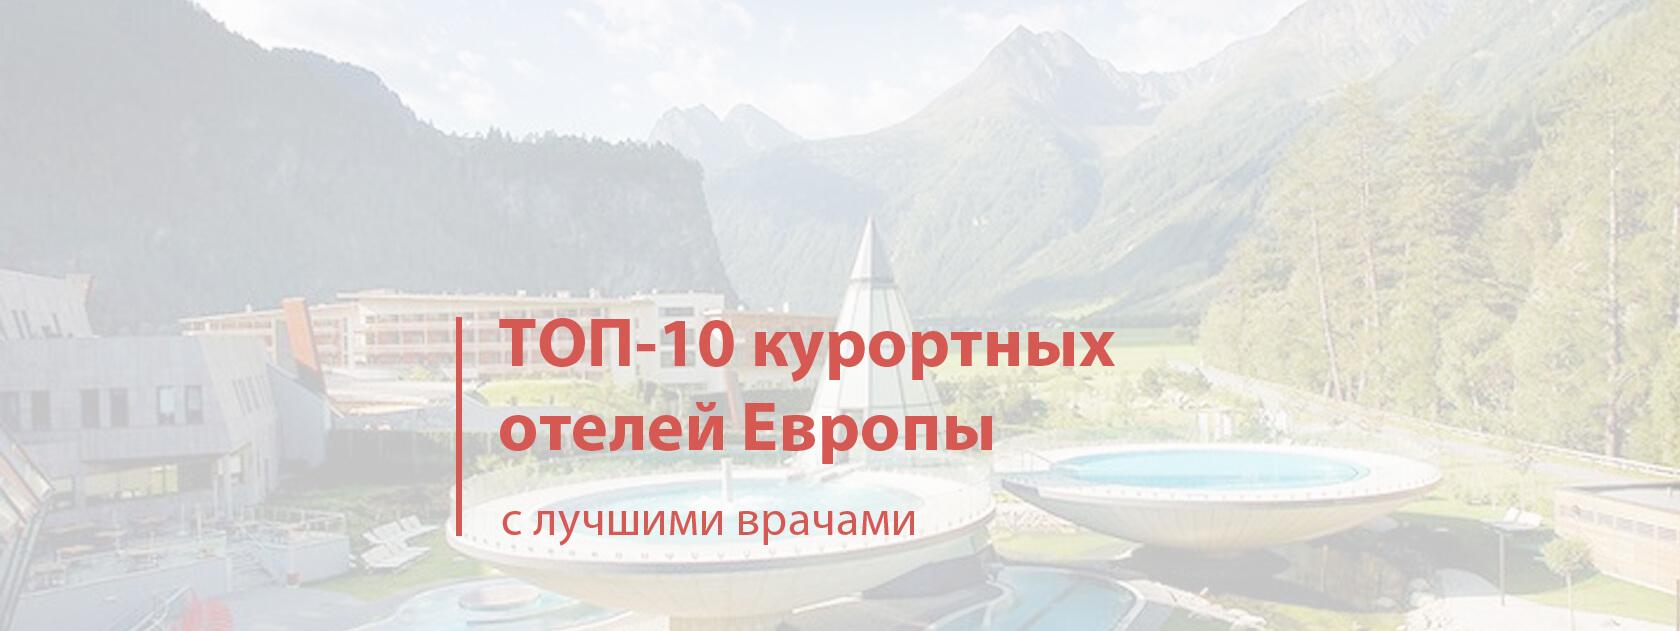 Топ-10 курортных отелей Европы с лучшими врачами